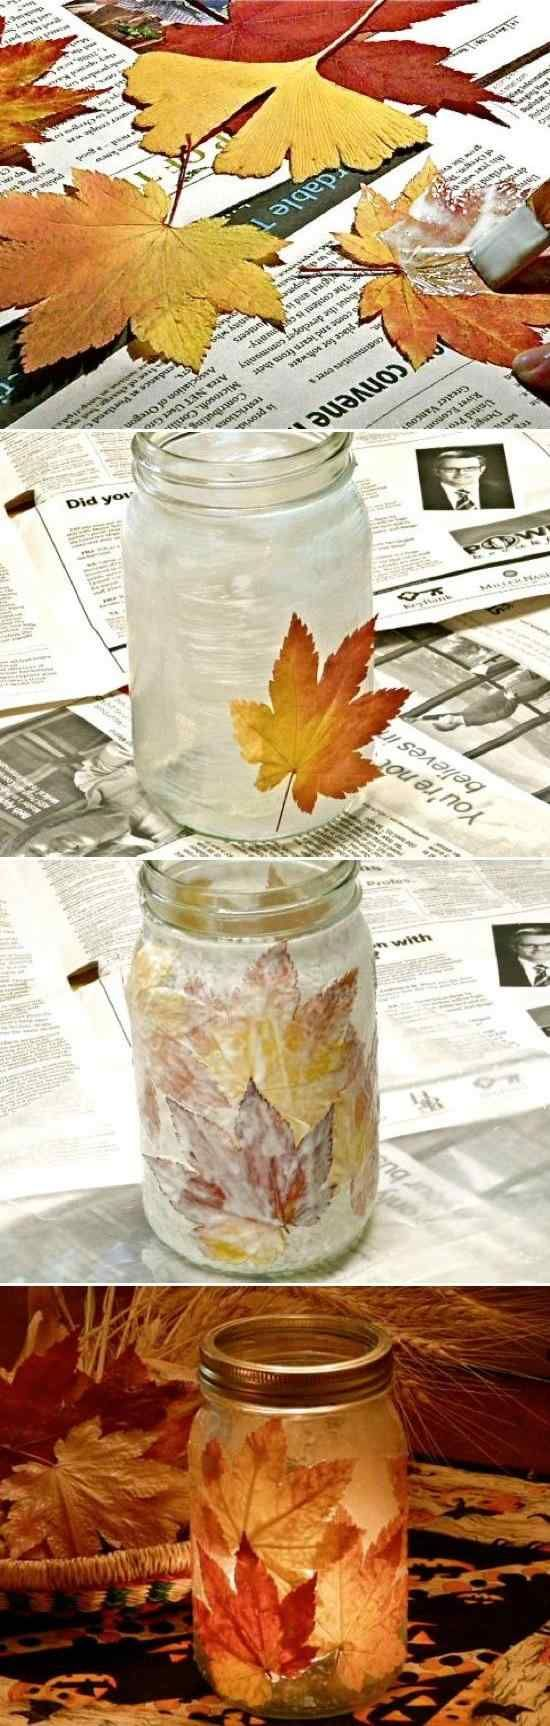 herbst basteln anleitung windlichter marmeladenglas herbstblätter